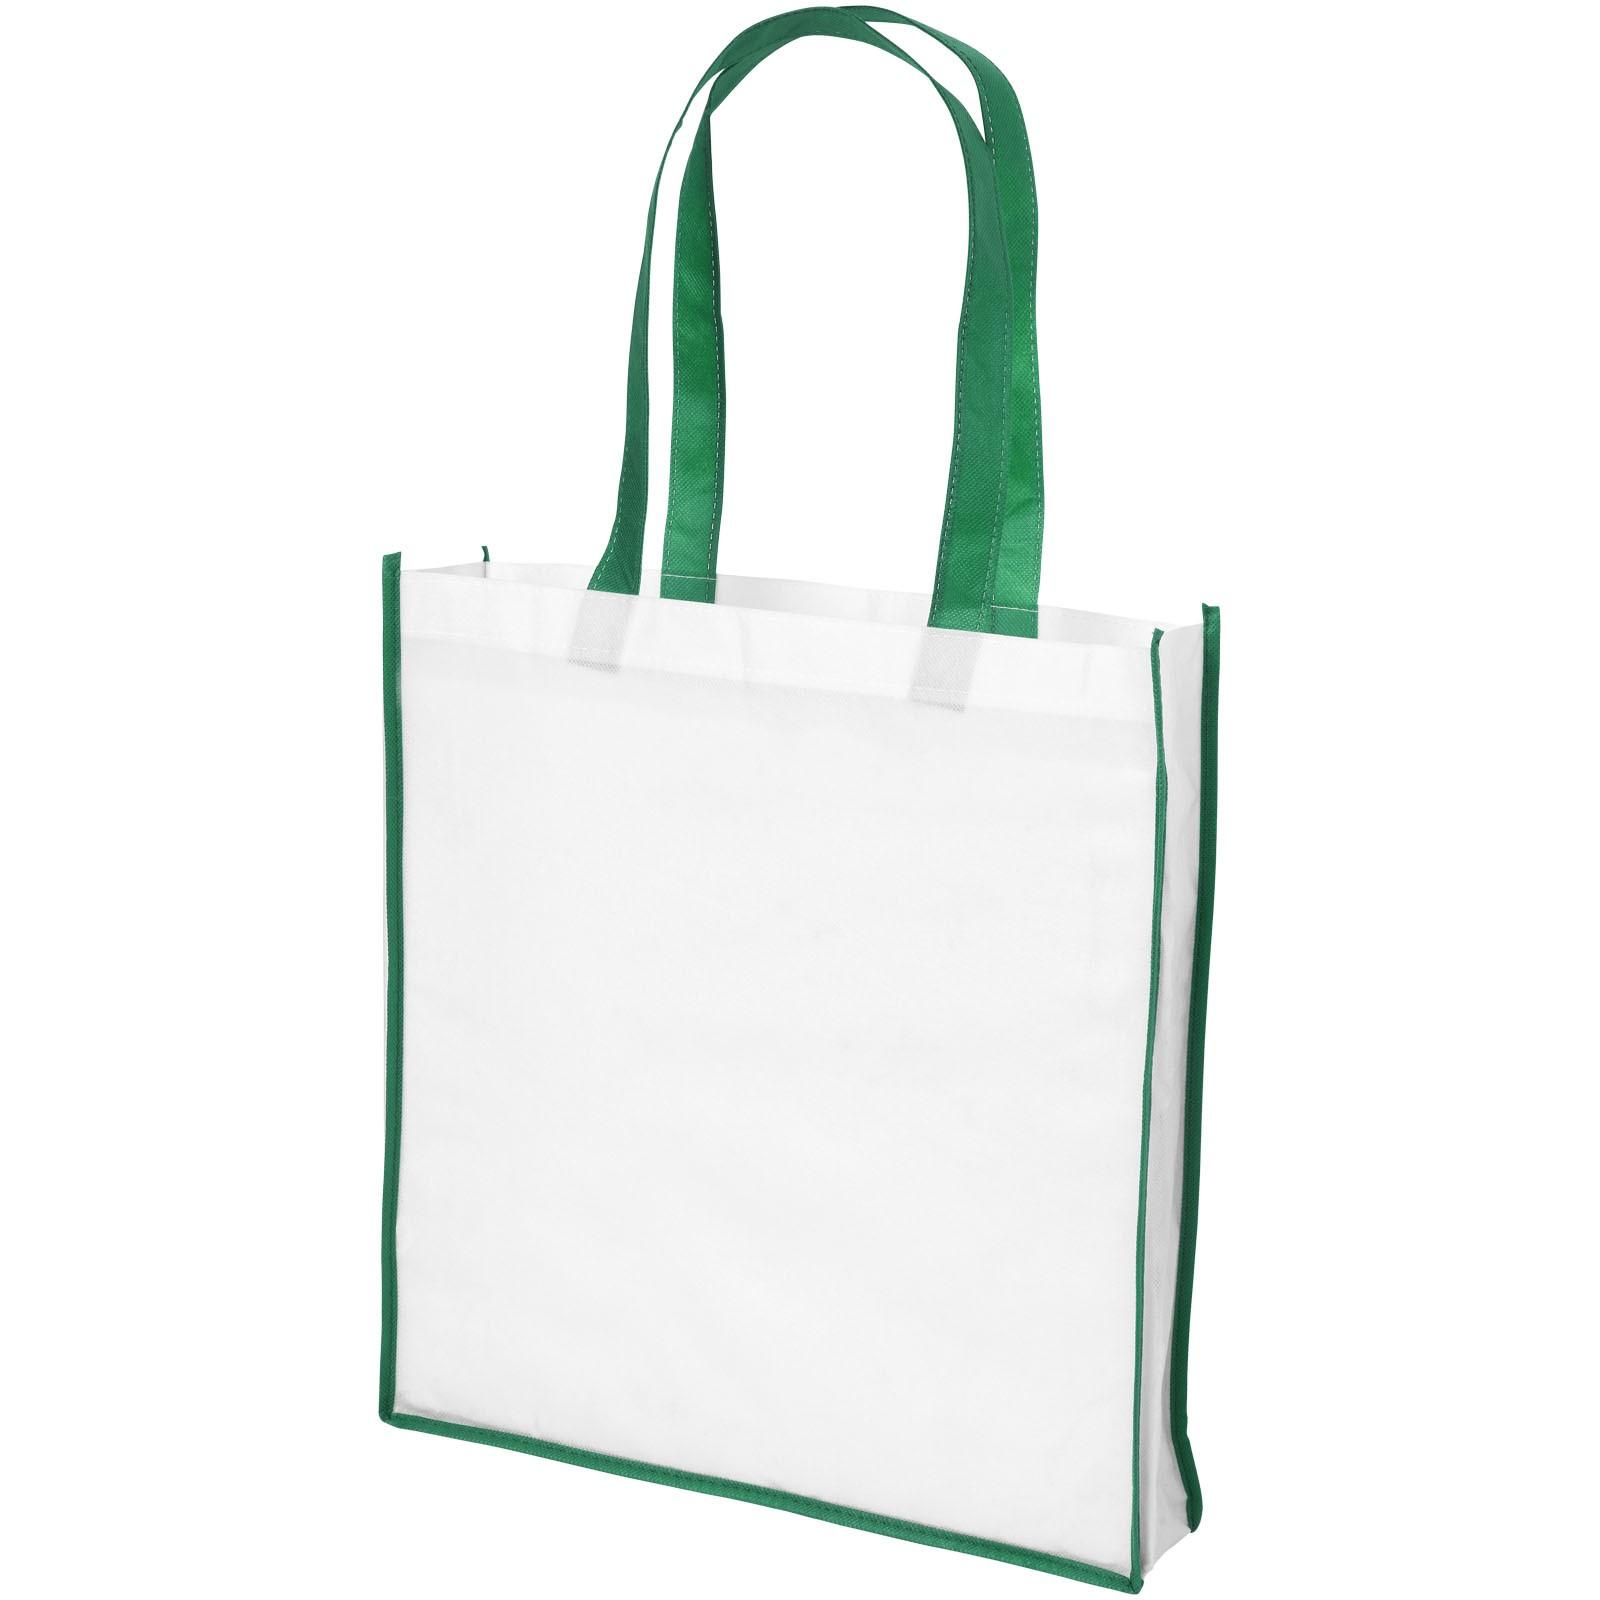 Velká netkaná nákupní odnoska Contrast - Bílá / Zelená